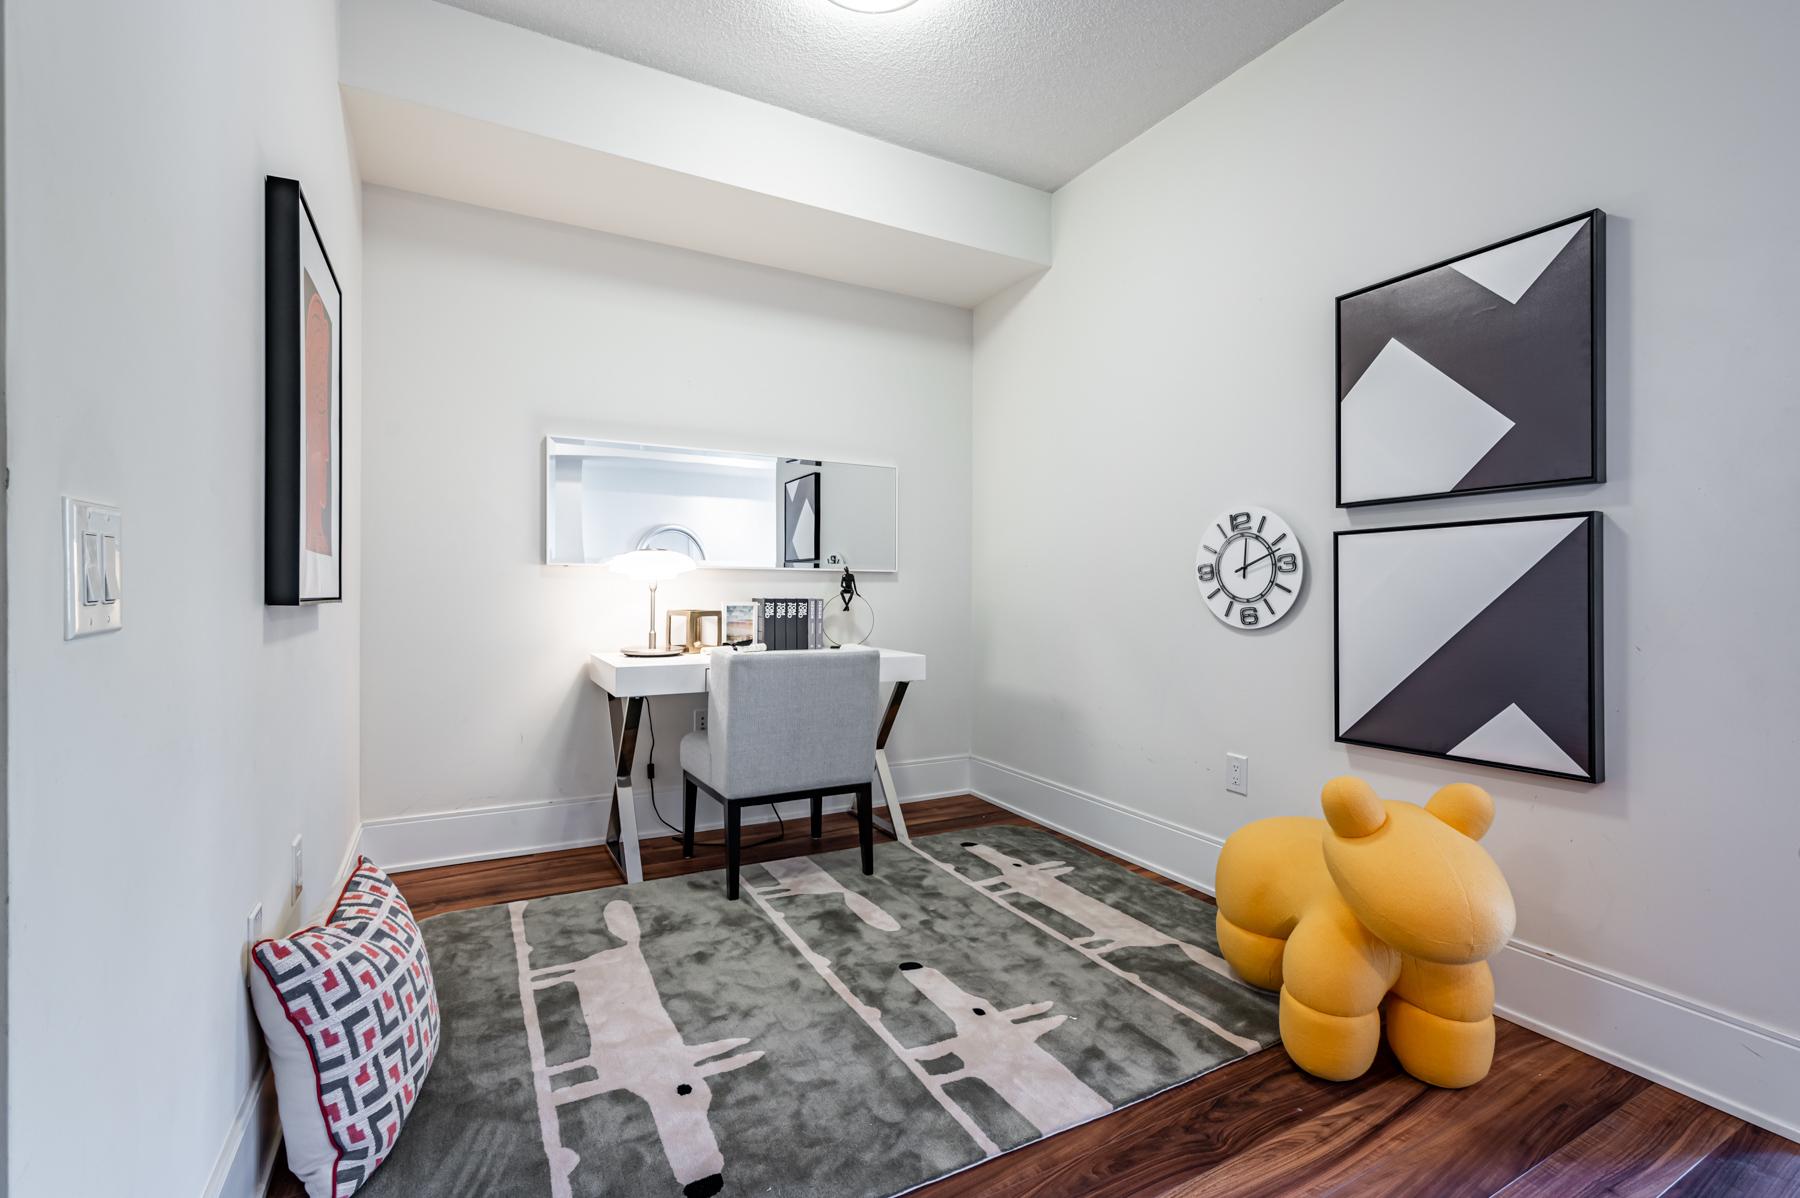 Condo den with home office.